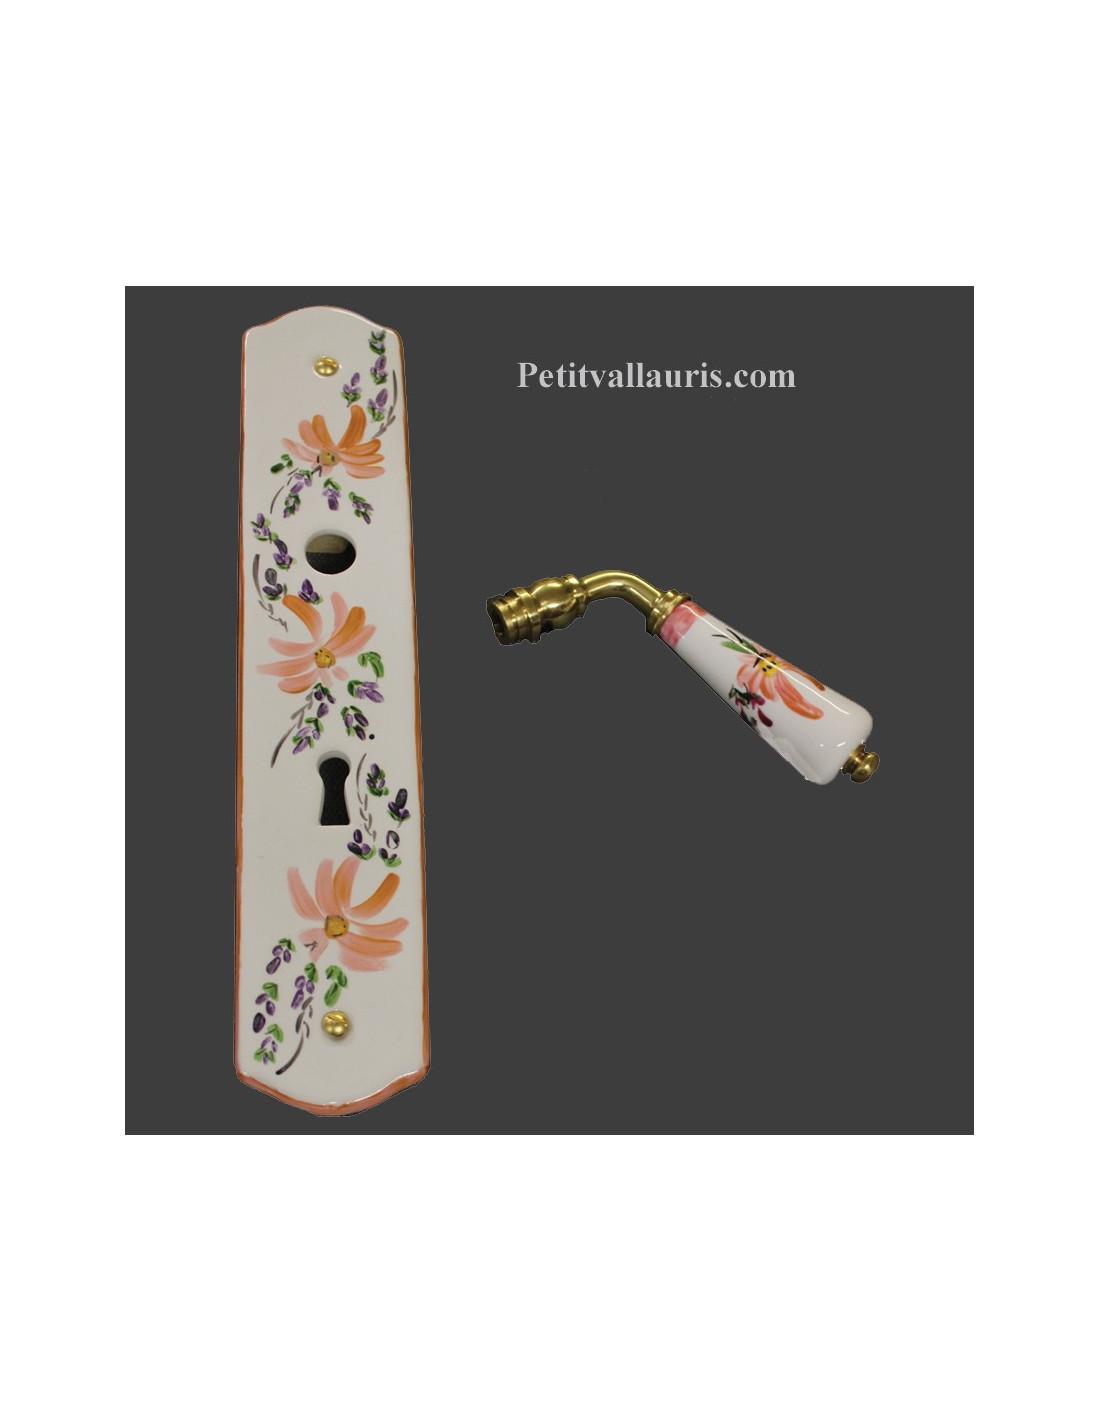 Plaque de propret d cor fleur saumon avec serrure le petit vallauris - Plaque de proprete porte ...